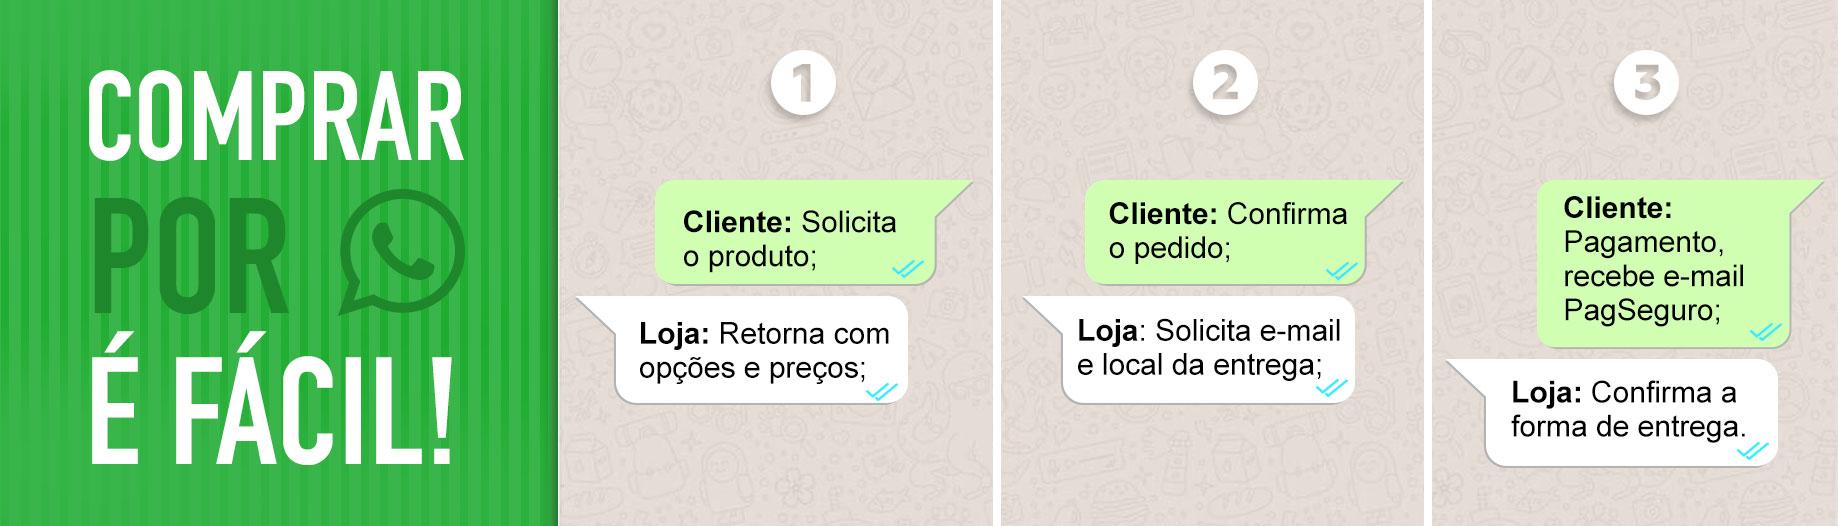 Comprar pelo Whatsapp